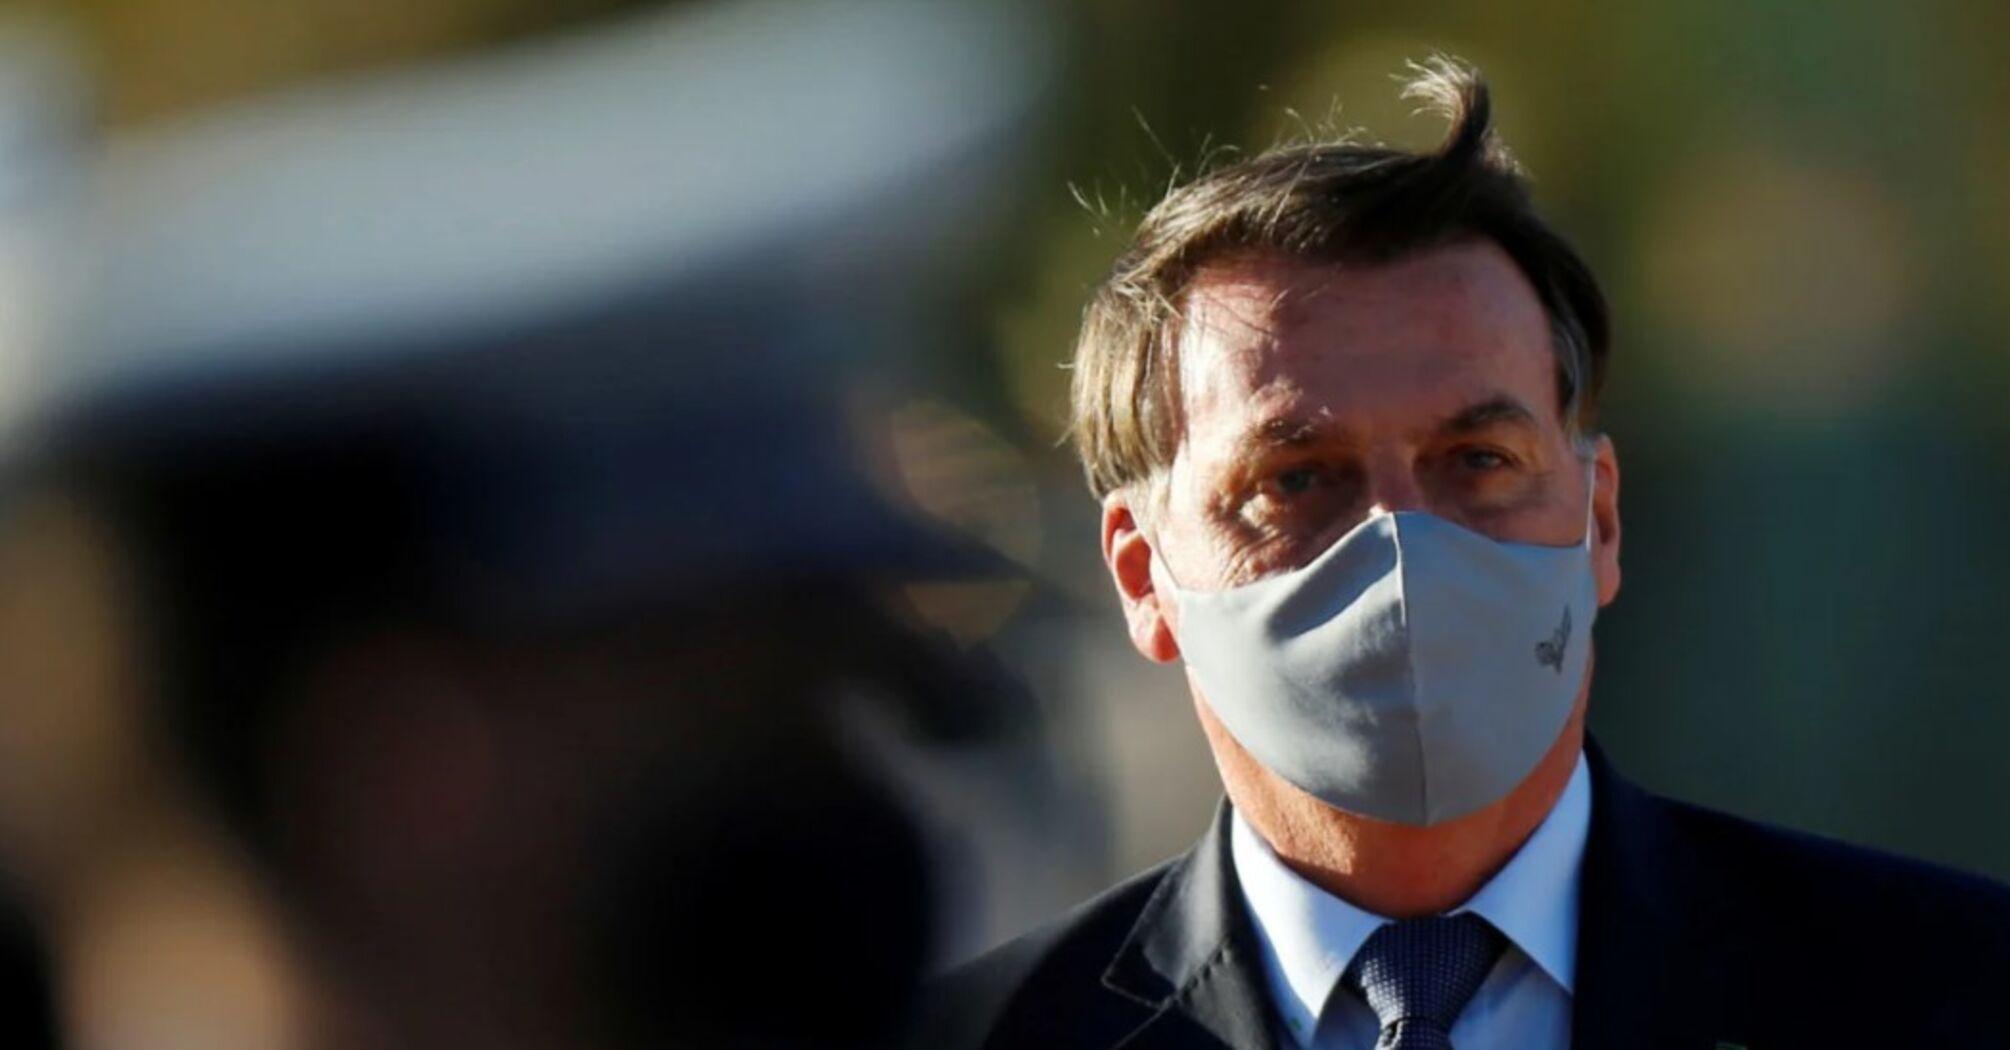 Журналисты обвиняют больного президента Бразилии в умышленном распространении COVID-19